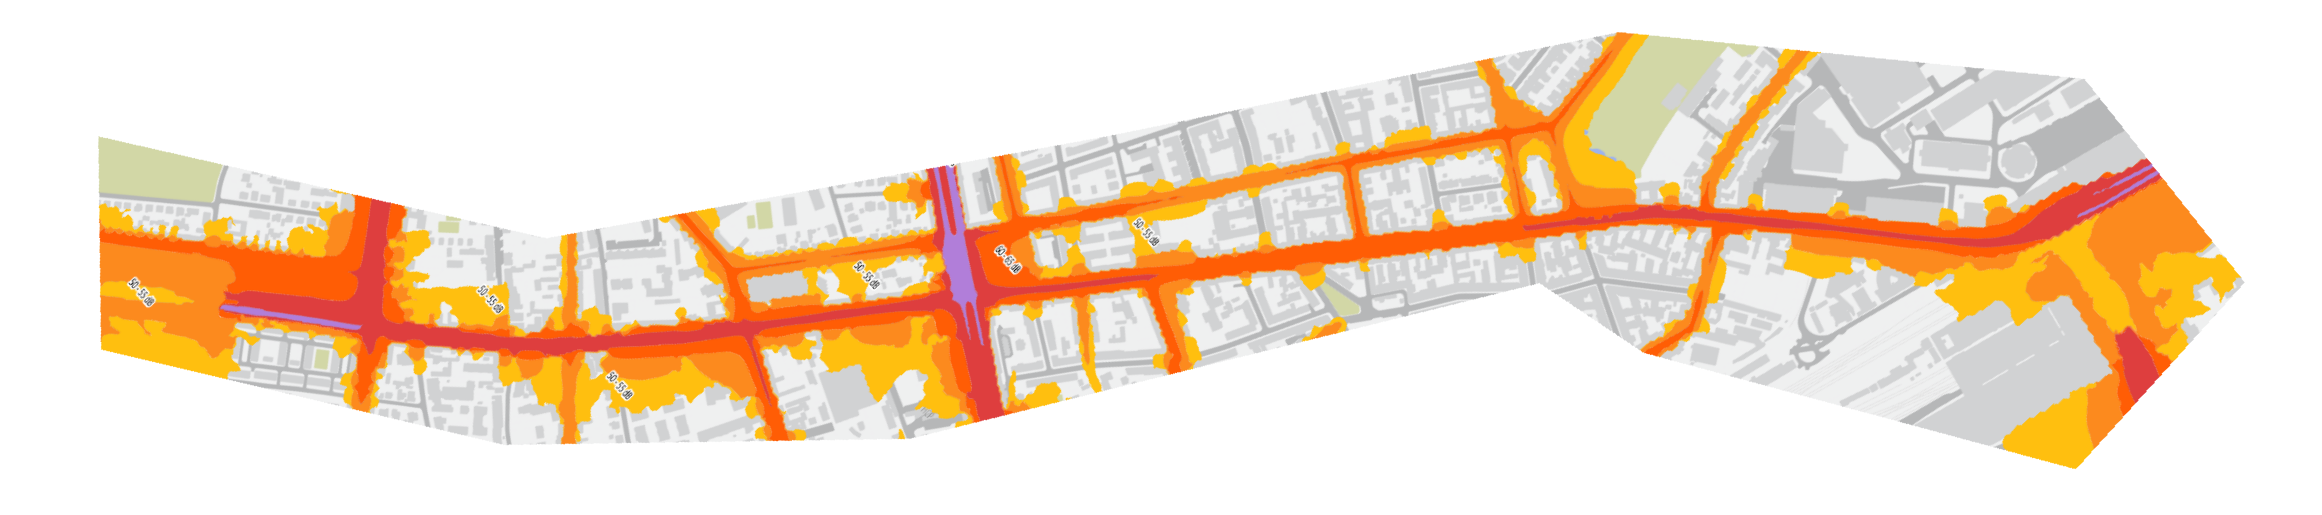 obrócona Mapka imisji hałasu samochodowego 2017